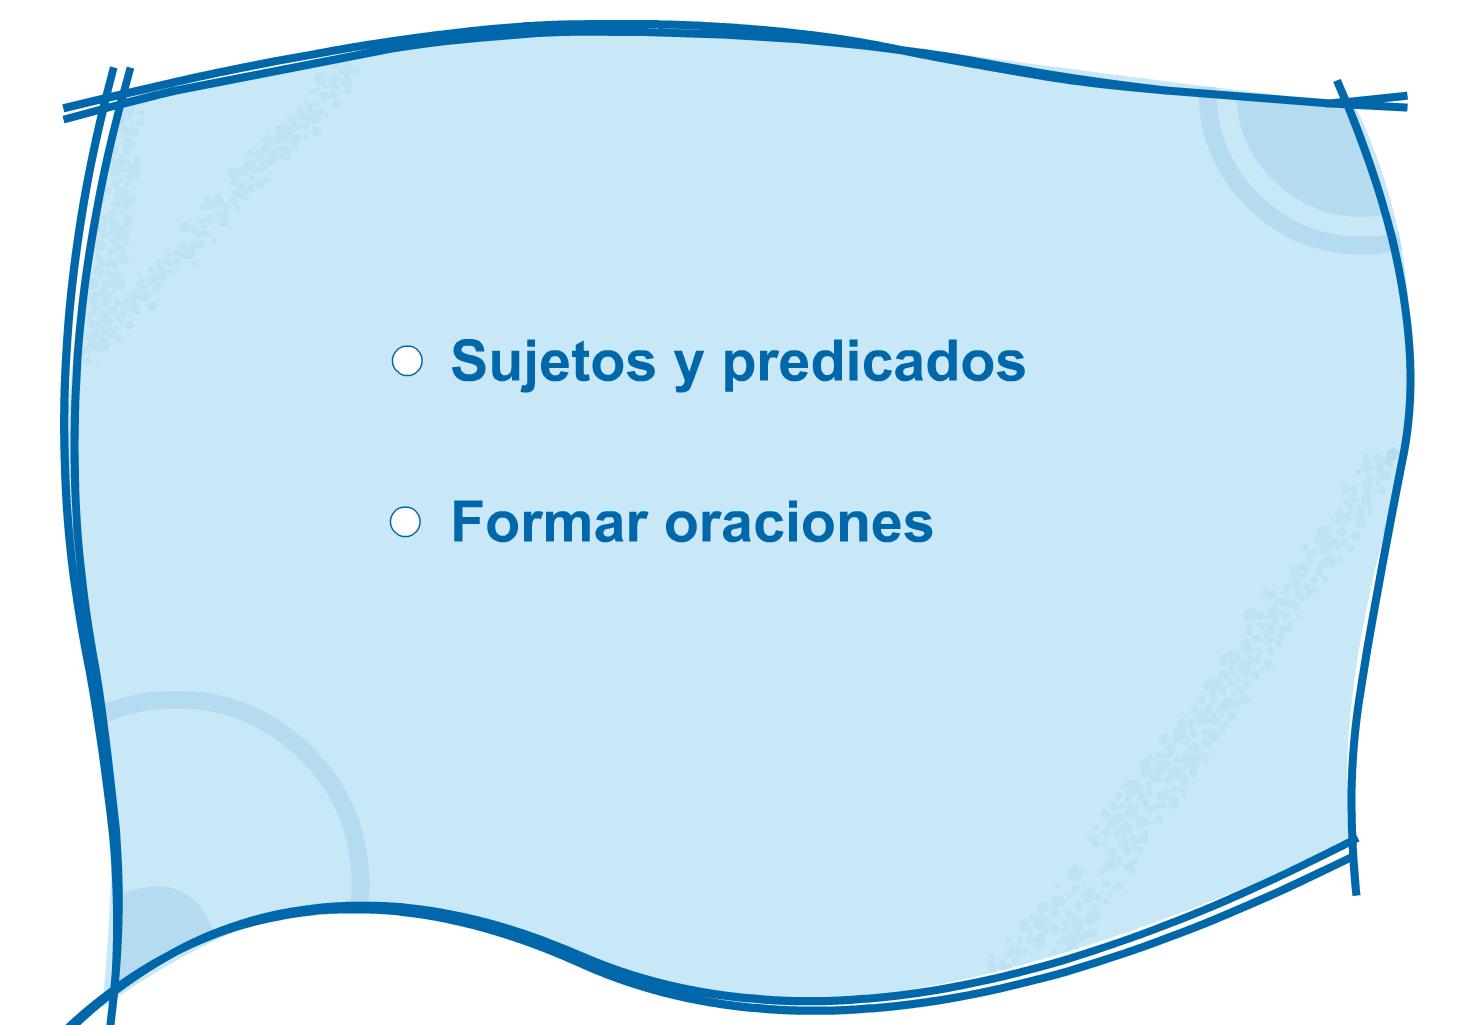 Resultado de imagen de SUJETO Y PREDICADO JUEGOS SEGUNDO PRIMARIA